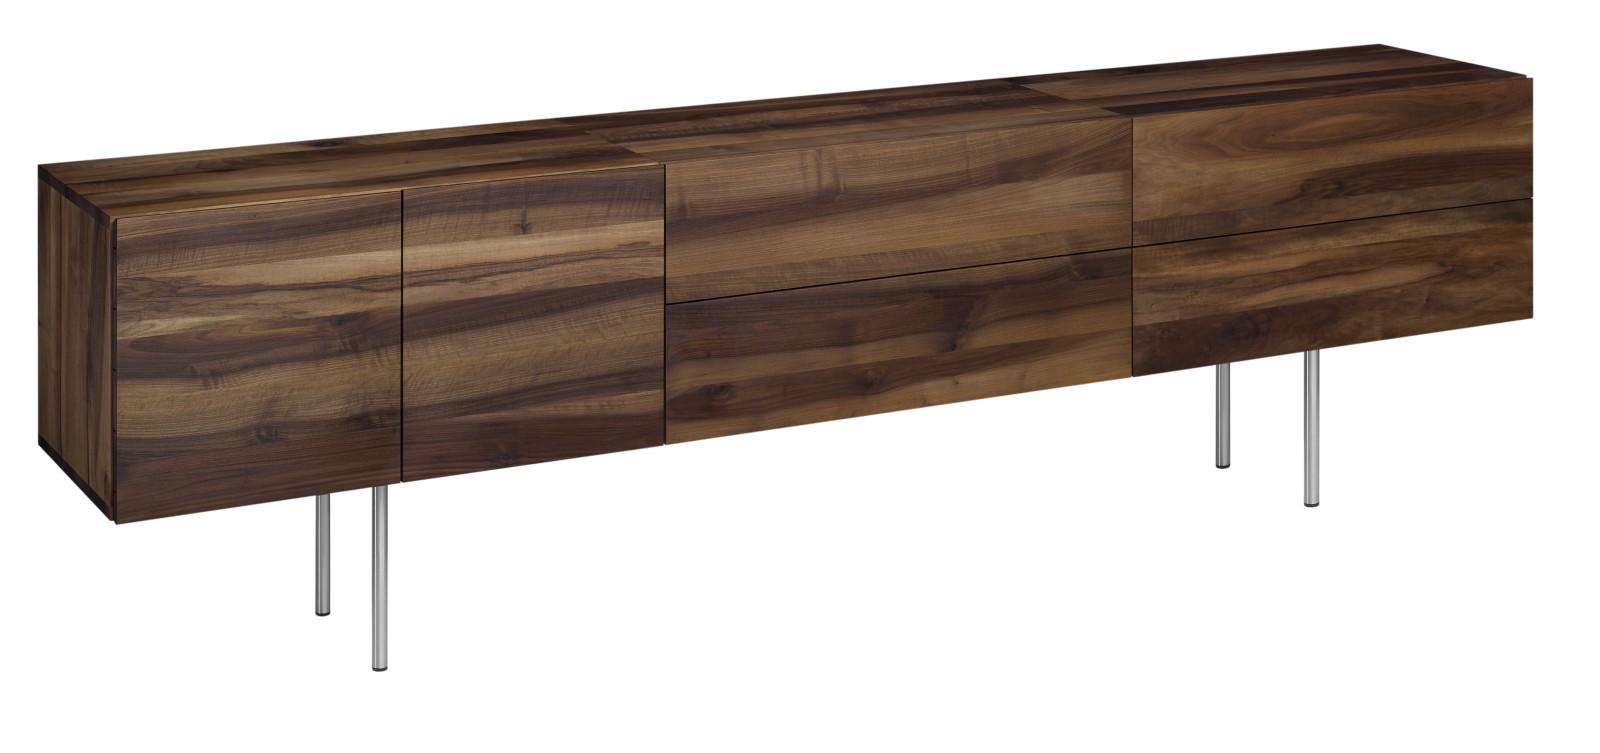 SB07 Shahnaz Wallmounted Sideboard Oiled Oak, Long